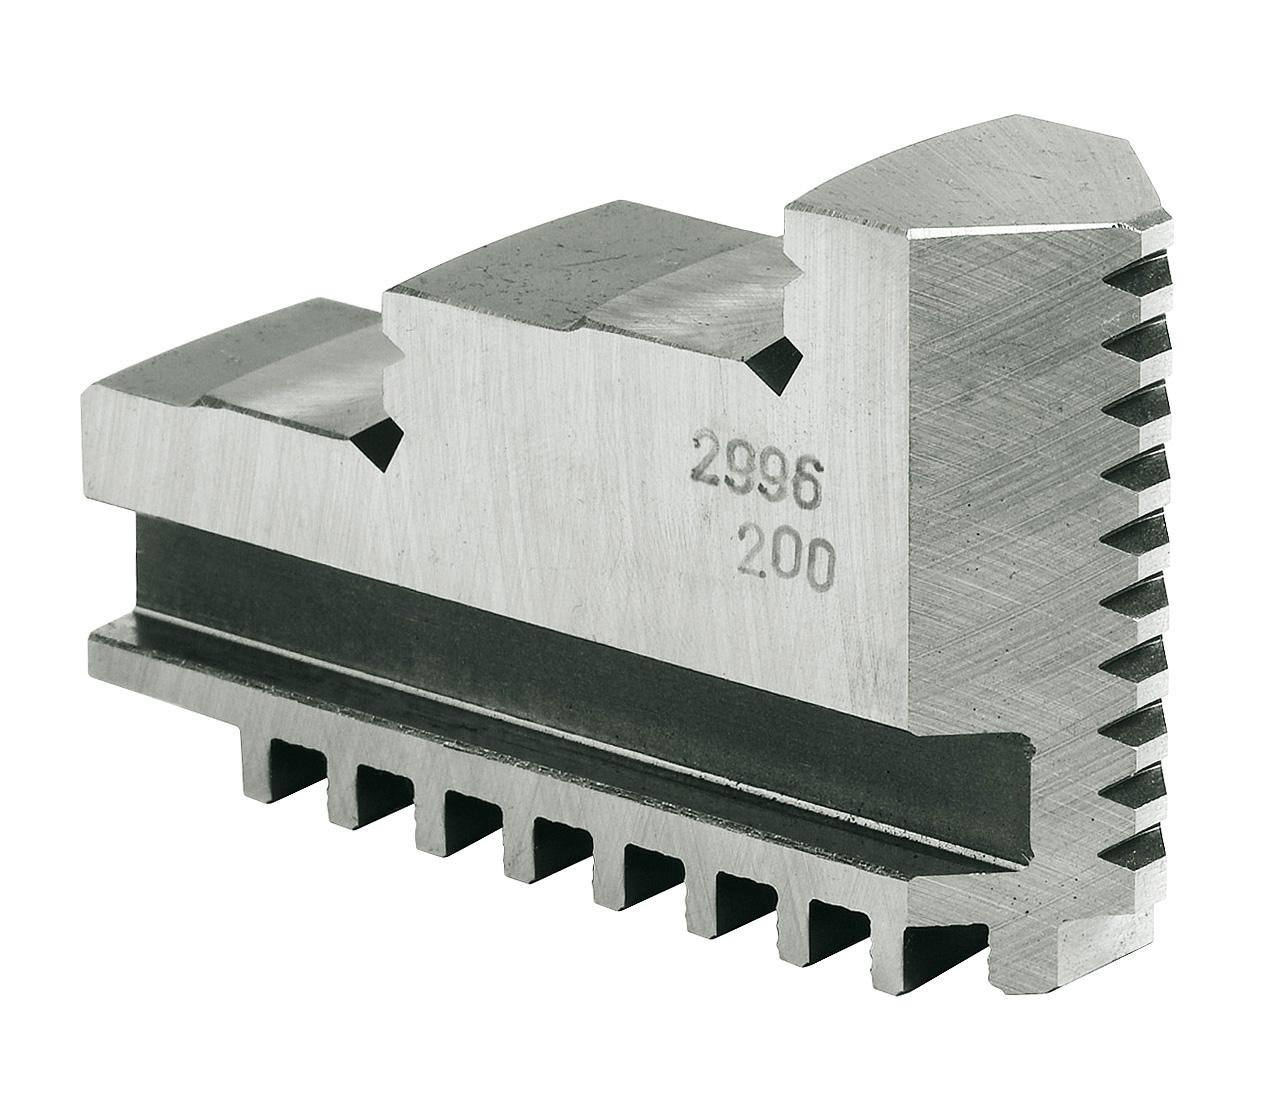 Szczęki jednolite twarde zewnętrzne - komplet DOJ-DK11-315 BERNARDO